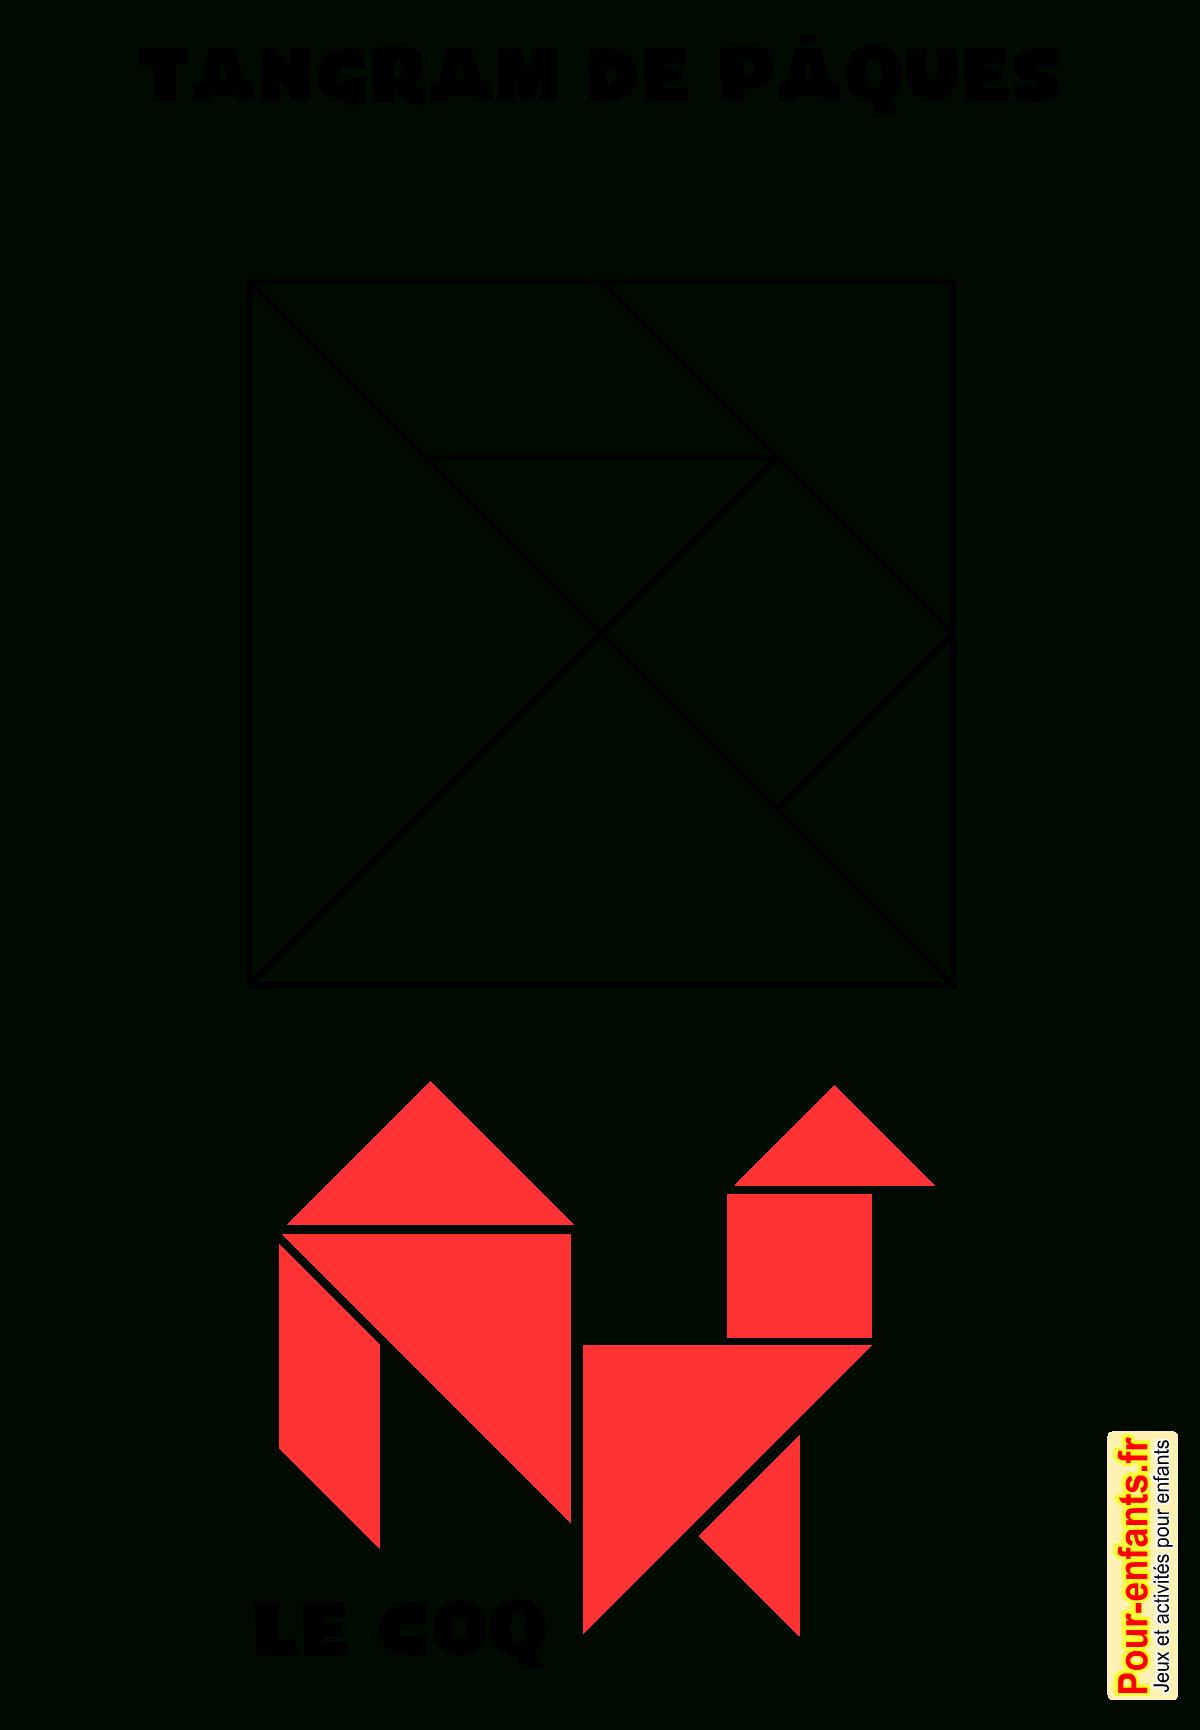 Jeux De Paques À Imprimer Tangram Dessin De Coq Jeu De serapportantà Découpage Gratuit À Imprimer